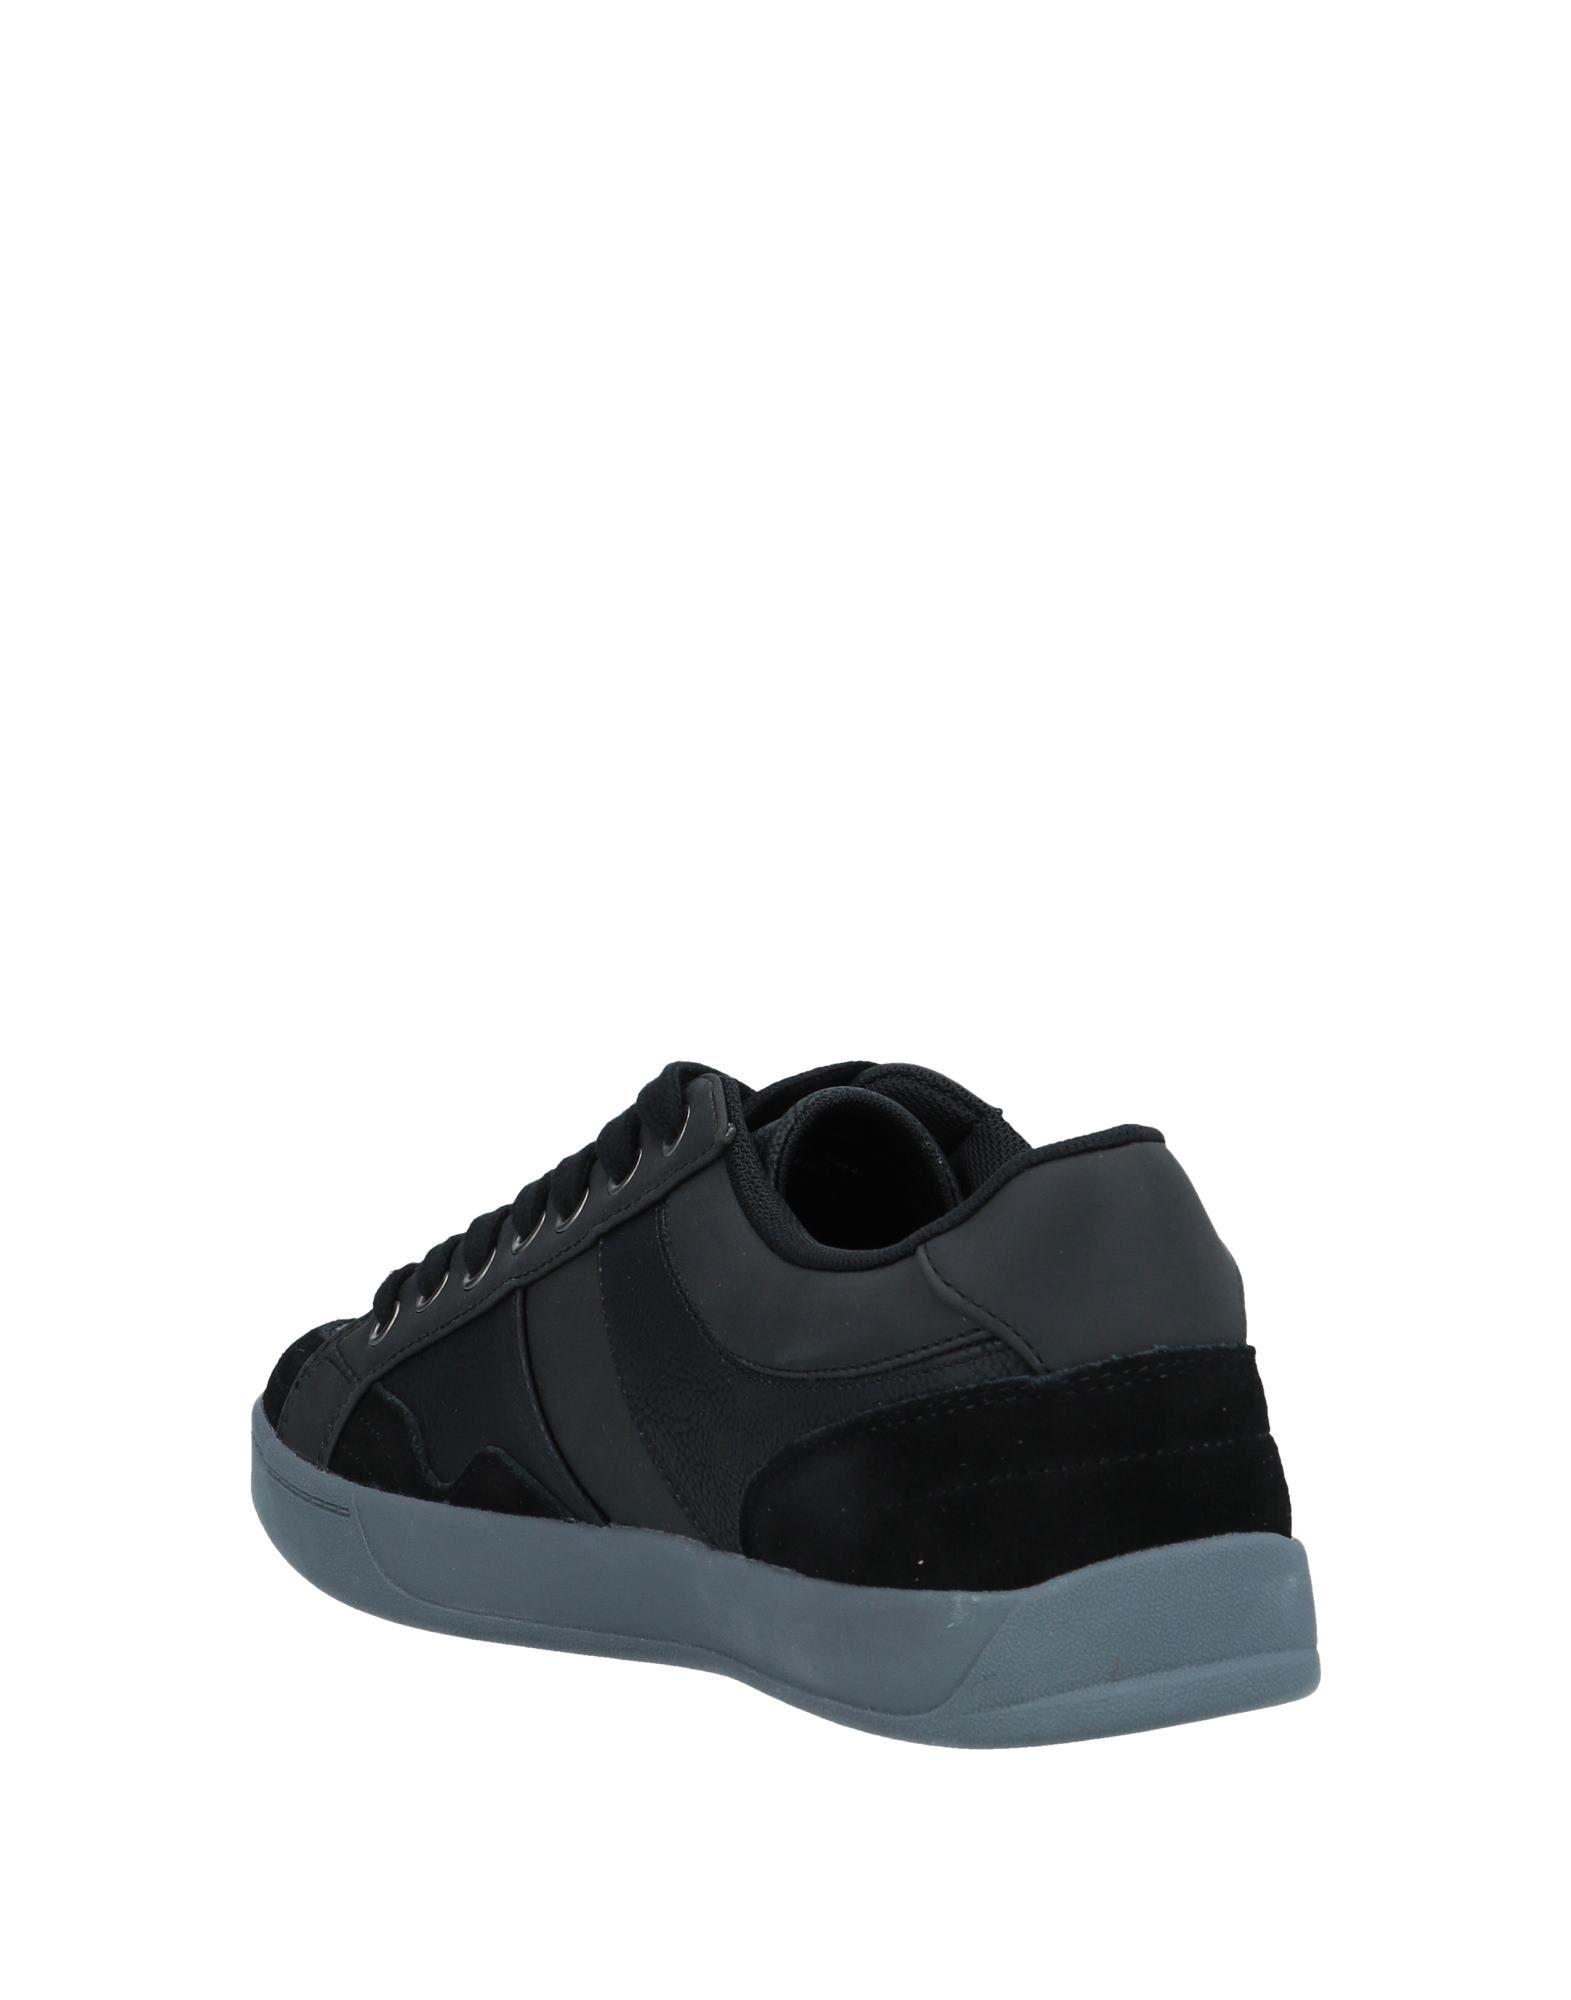 Lumberjack Sneakers sich Herren Gutes Preis-Leistungs-Verhältnis, es lohnt sich Sneakers af8ea5